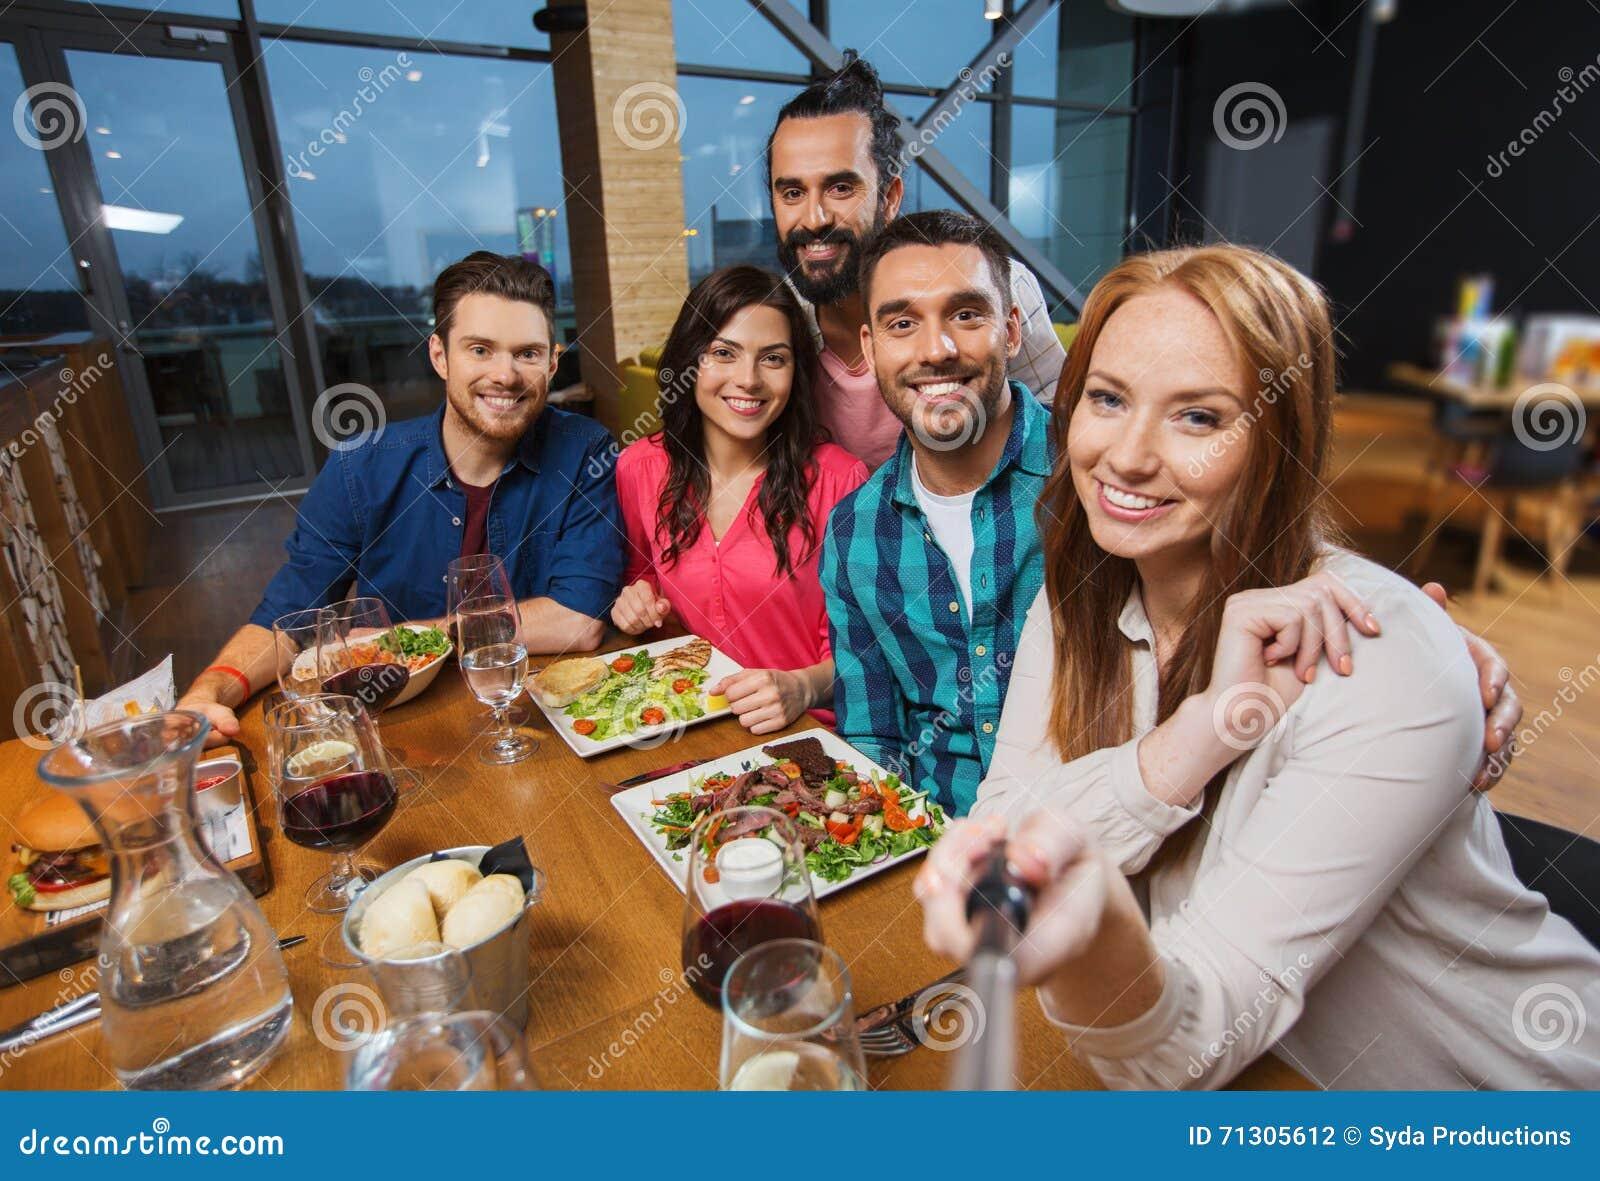 Erwachsene essen im Restaurant — Stockfoto © Jim_Filim